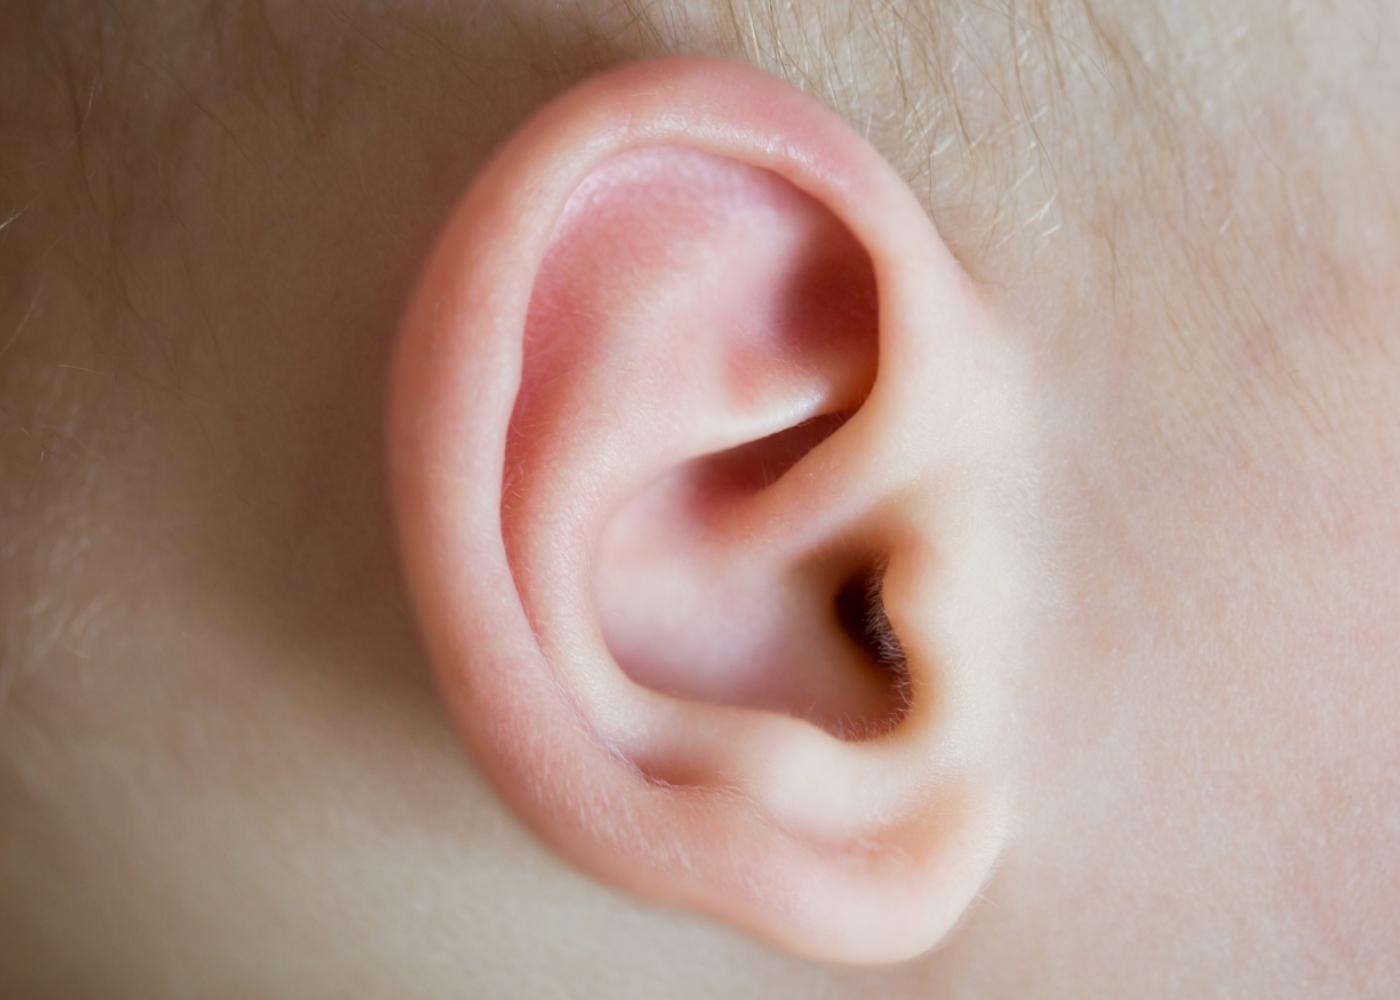 Grande plano de ouvido de bebé